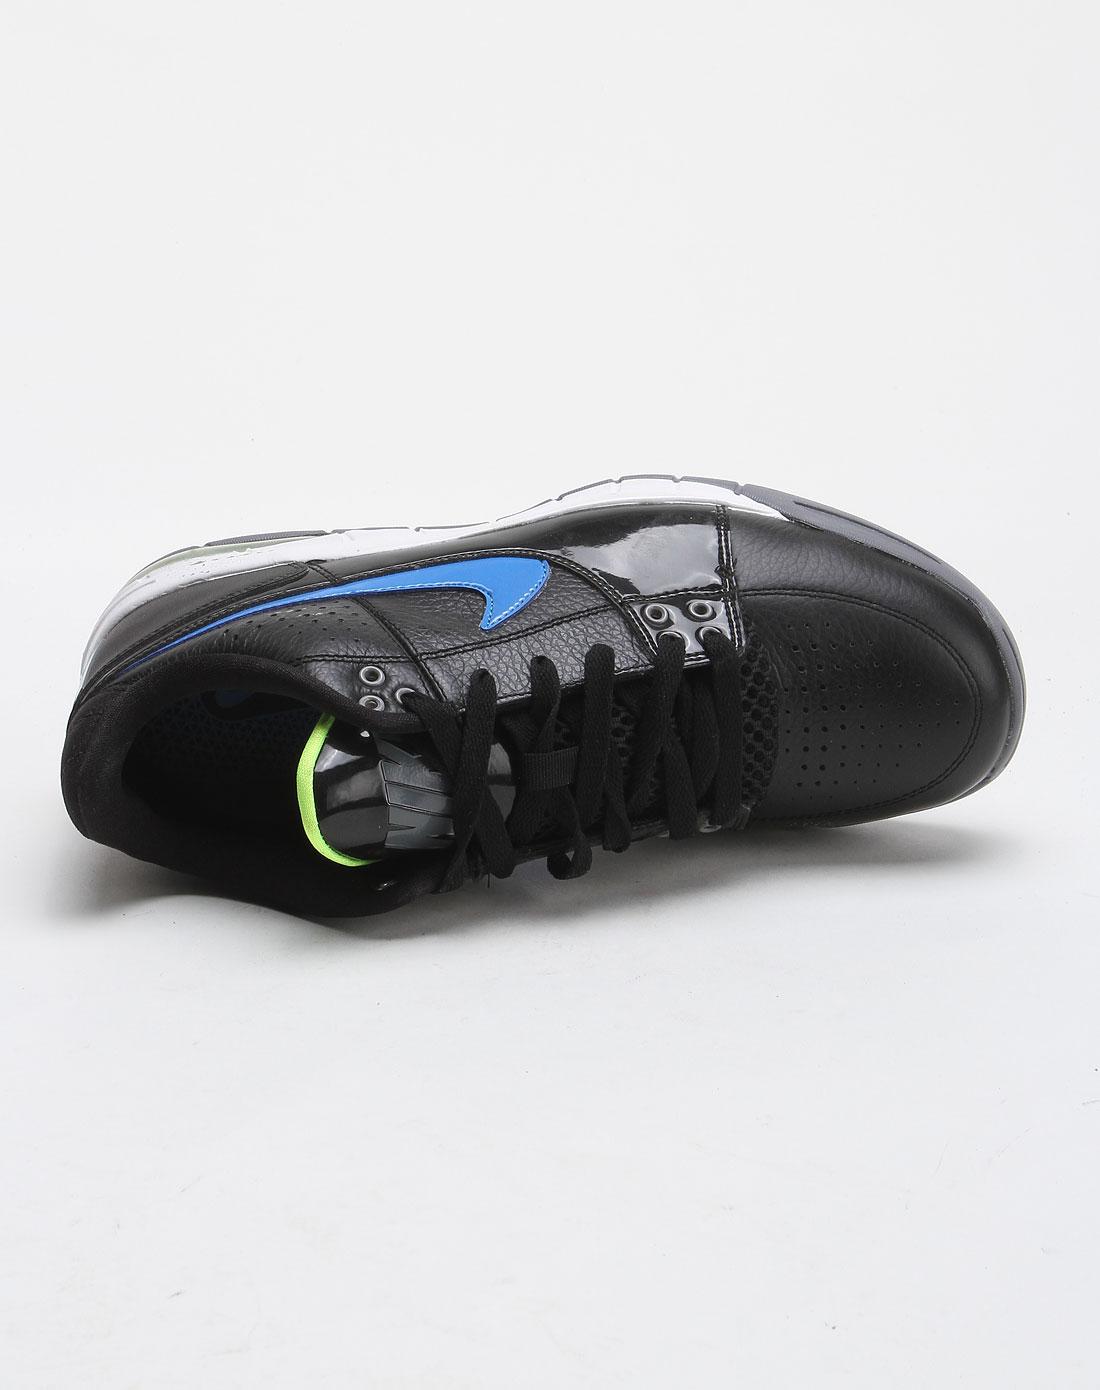 耐克nike-黑色气垫舒适篮球